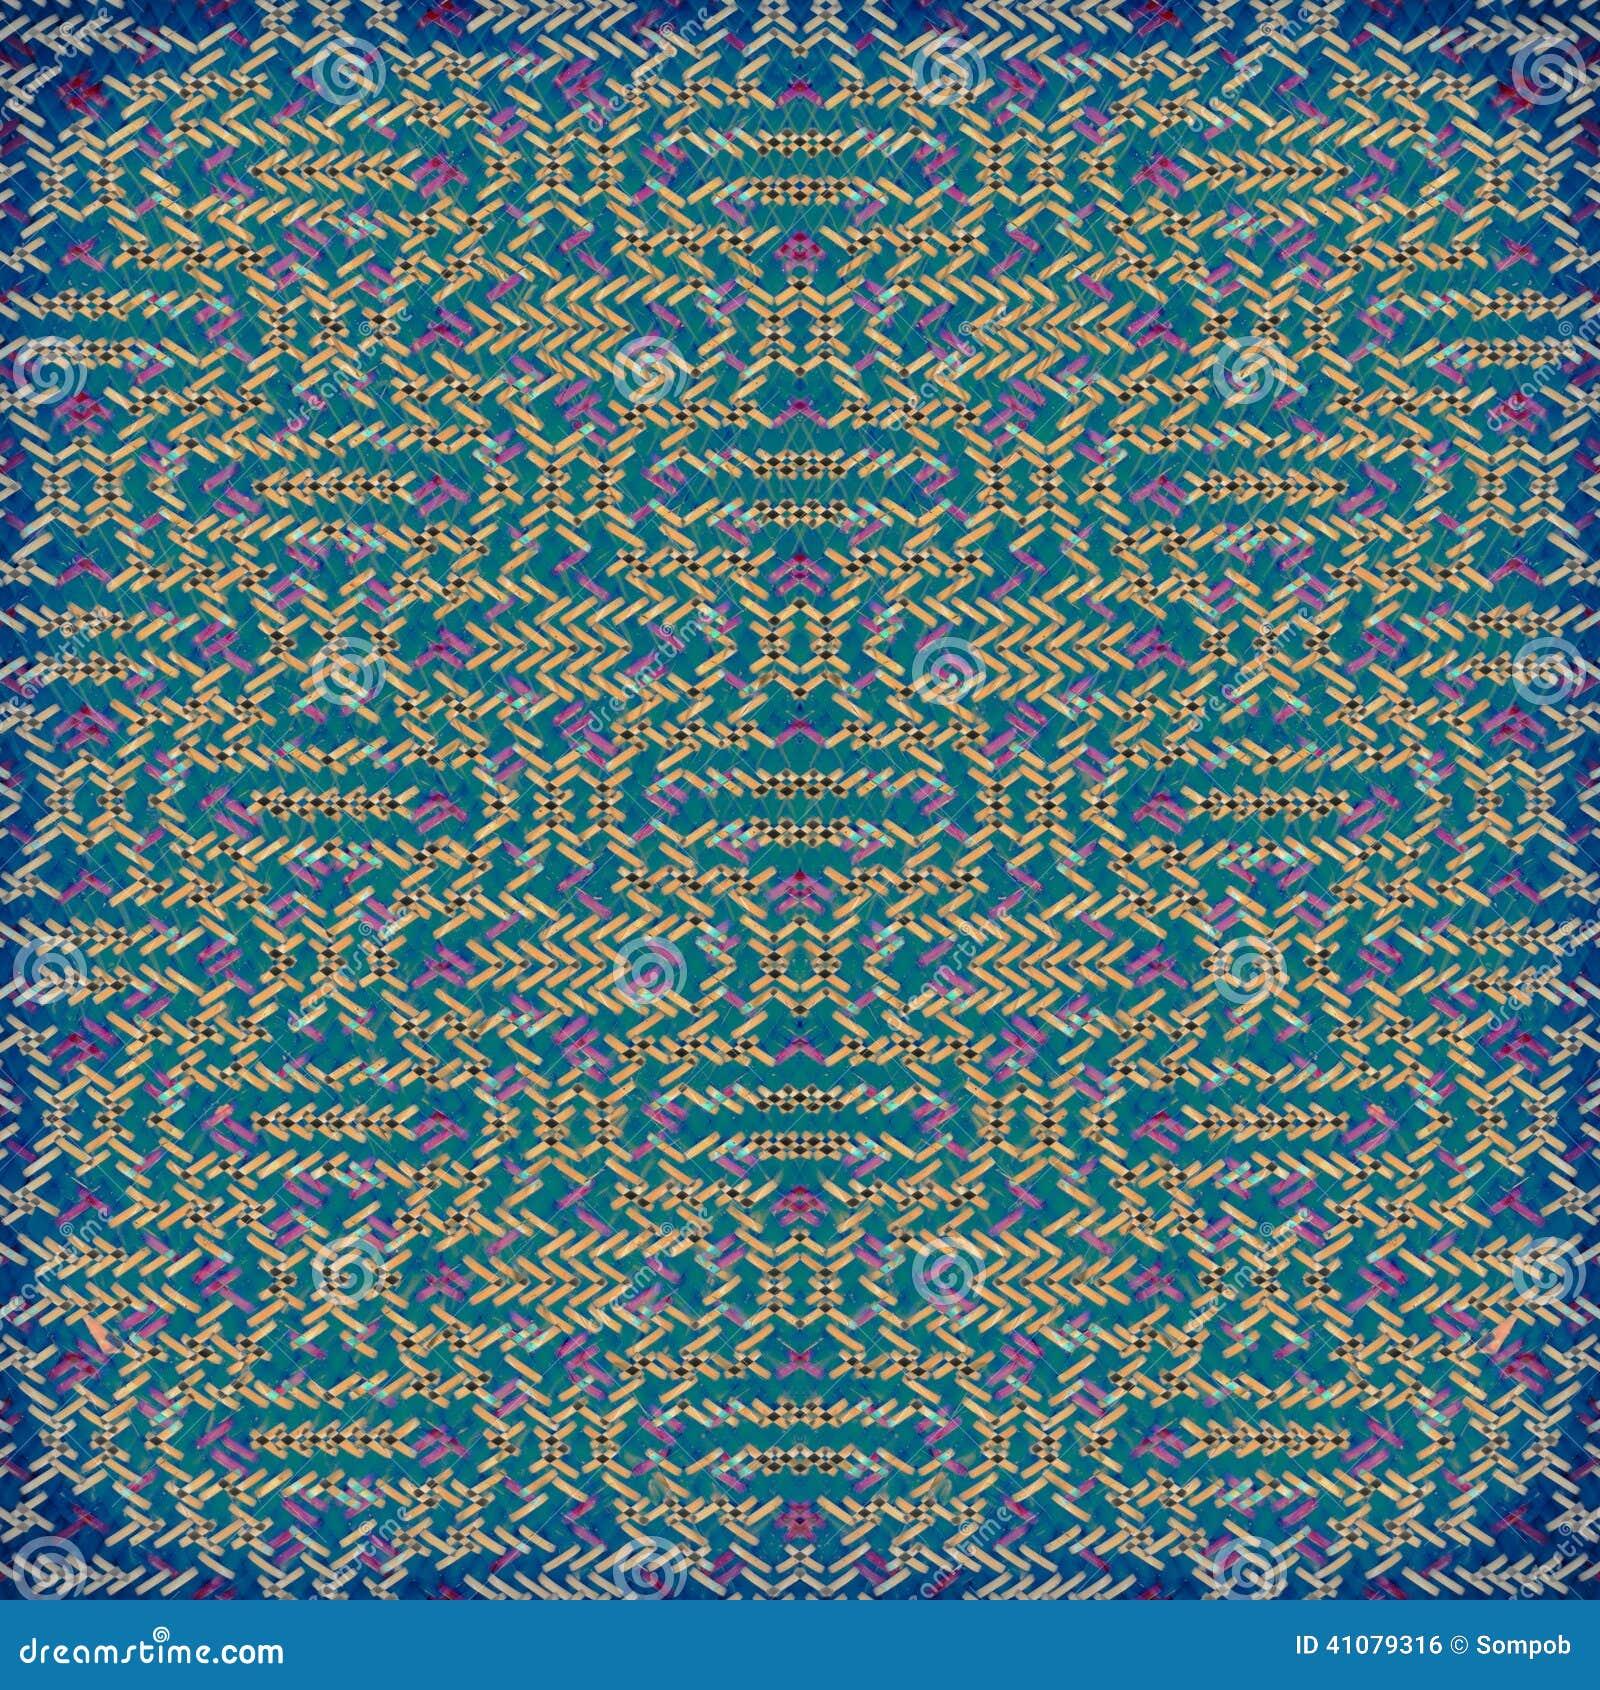 Colore Du Tapis En Plastique Tisse Du Rouge Et Du Bleu